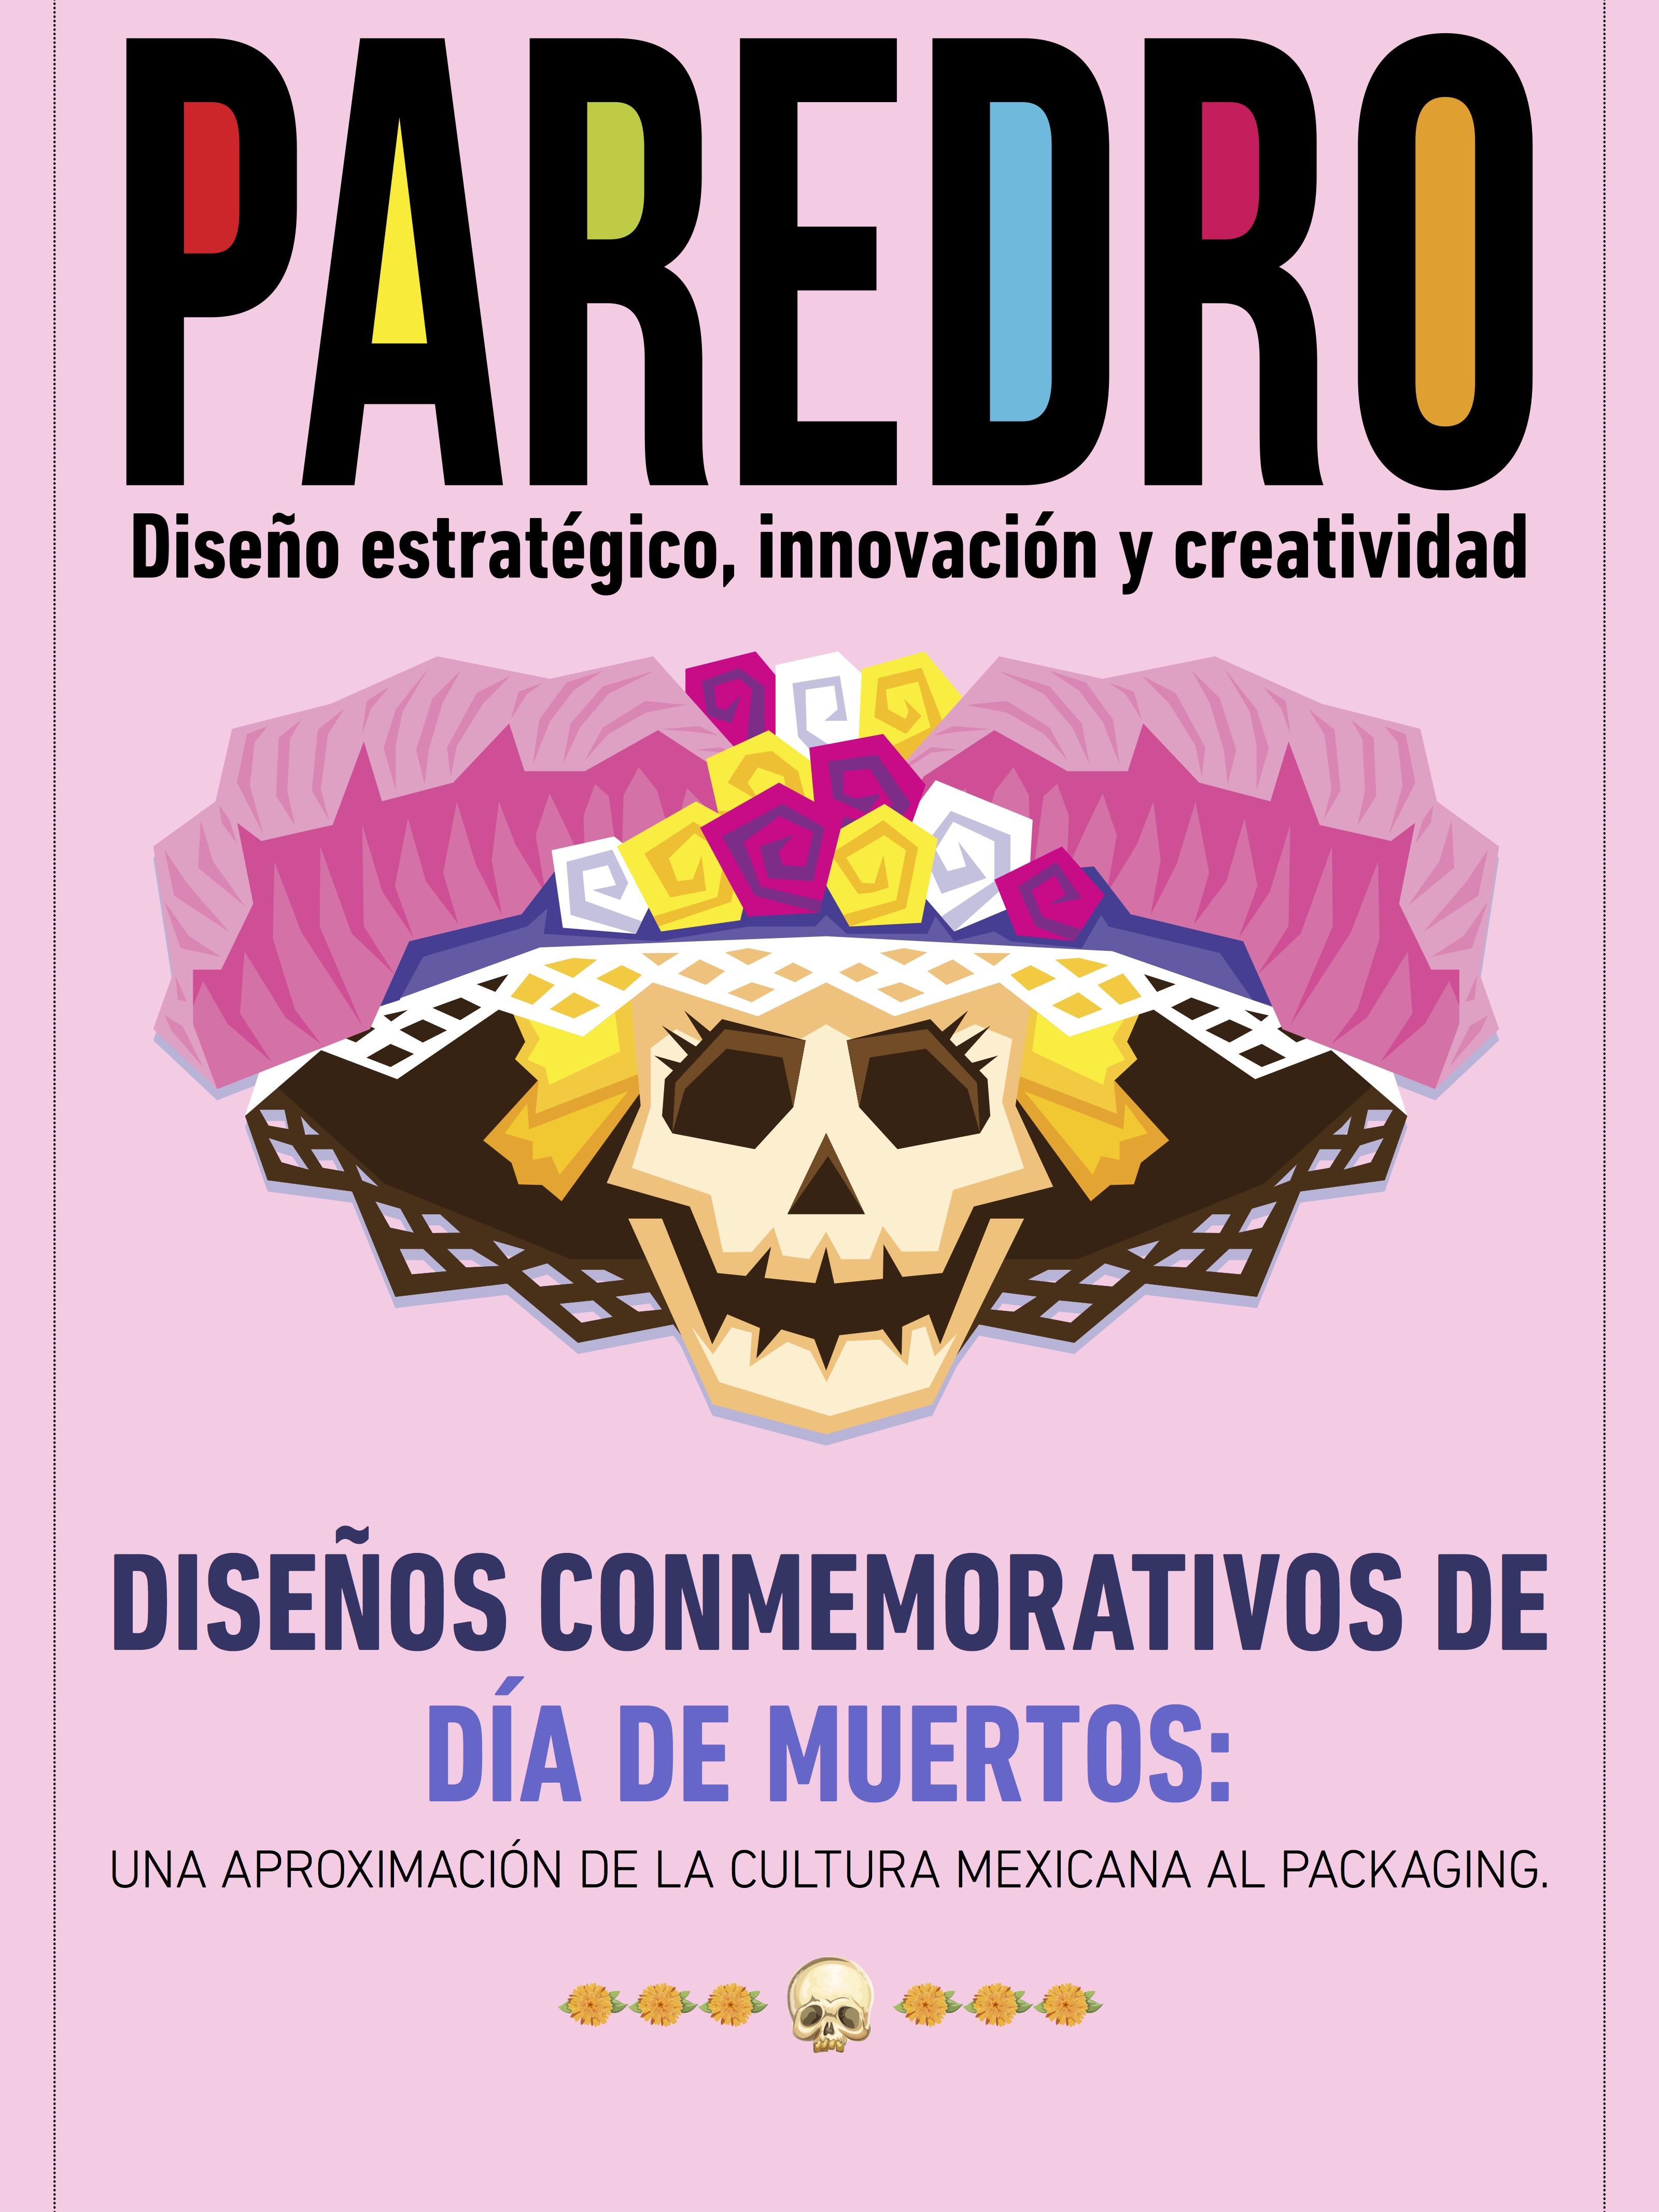 En el tema central de este mes, recopilamos algunas marcas que lanzan Diseños Conmemorativos de Día de Muertos en sus empaques.